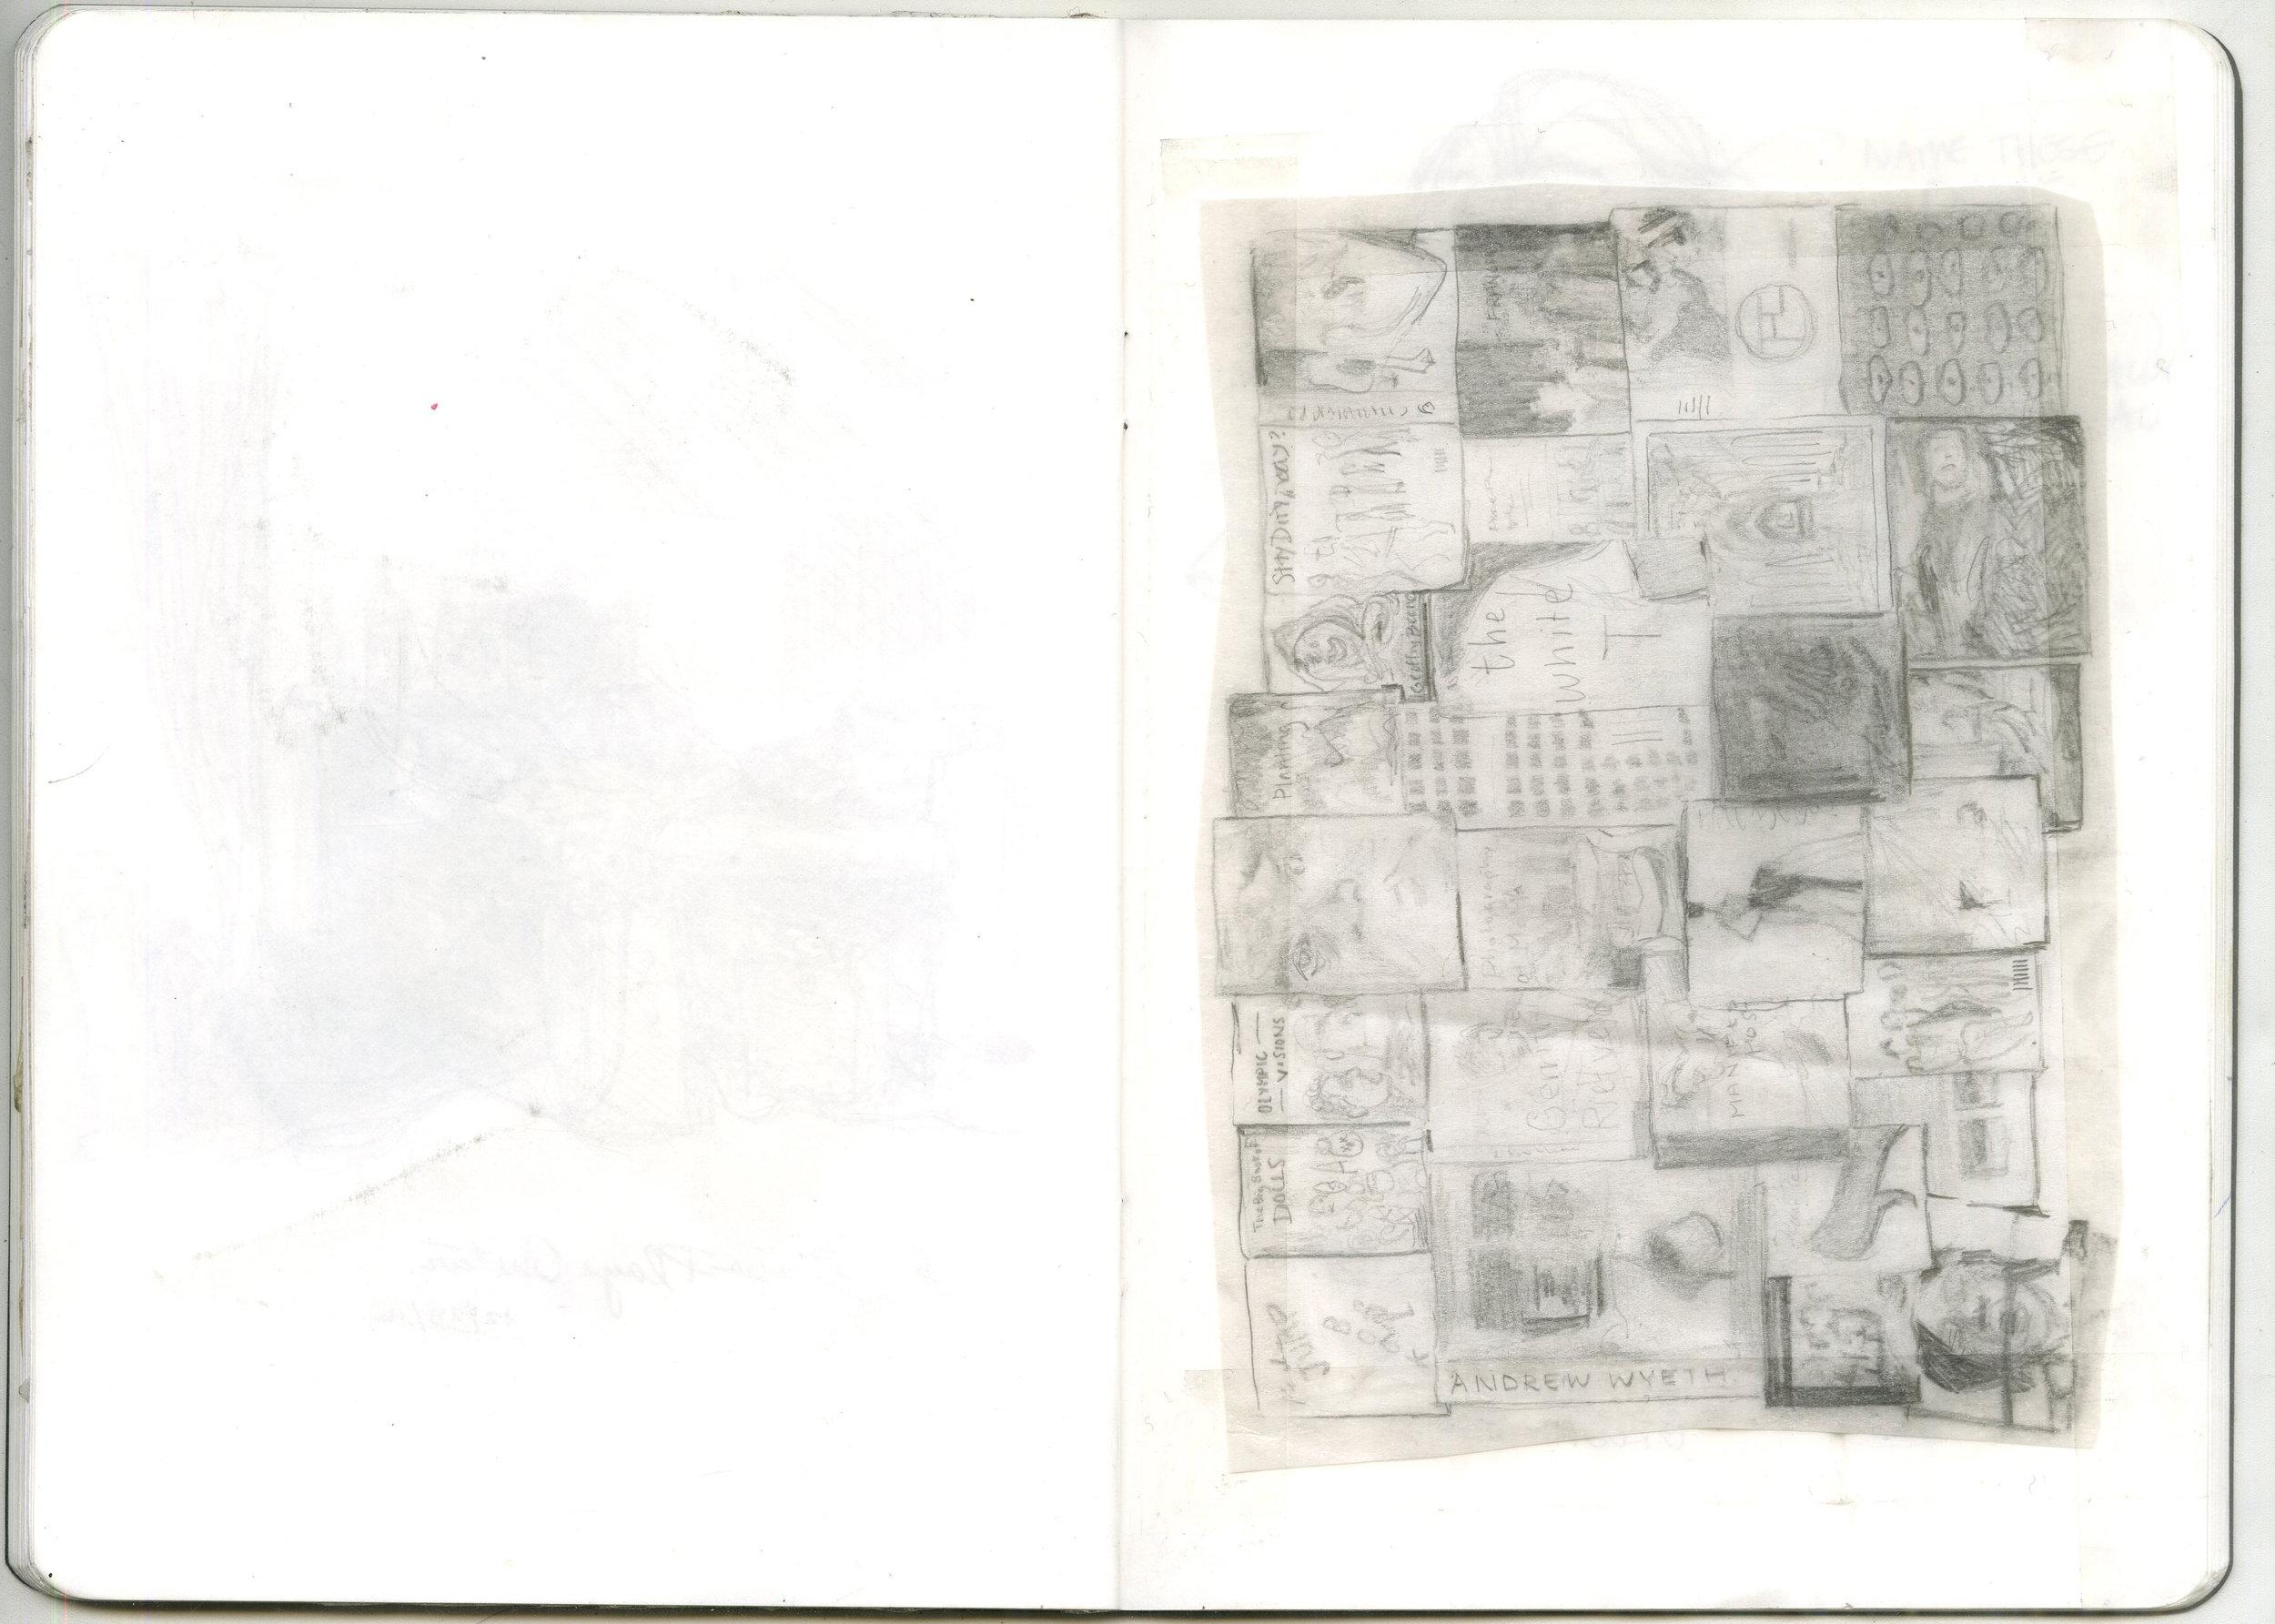 sb1-024 copy.jpg